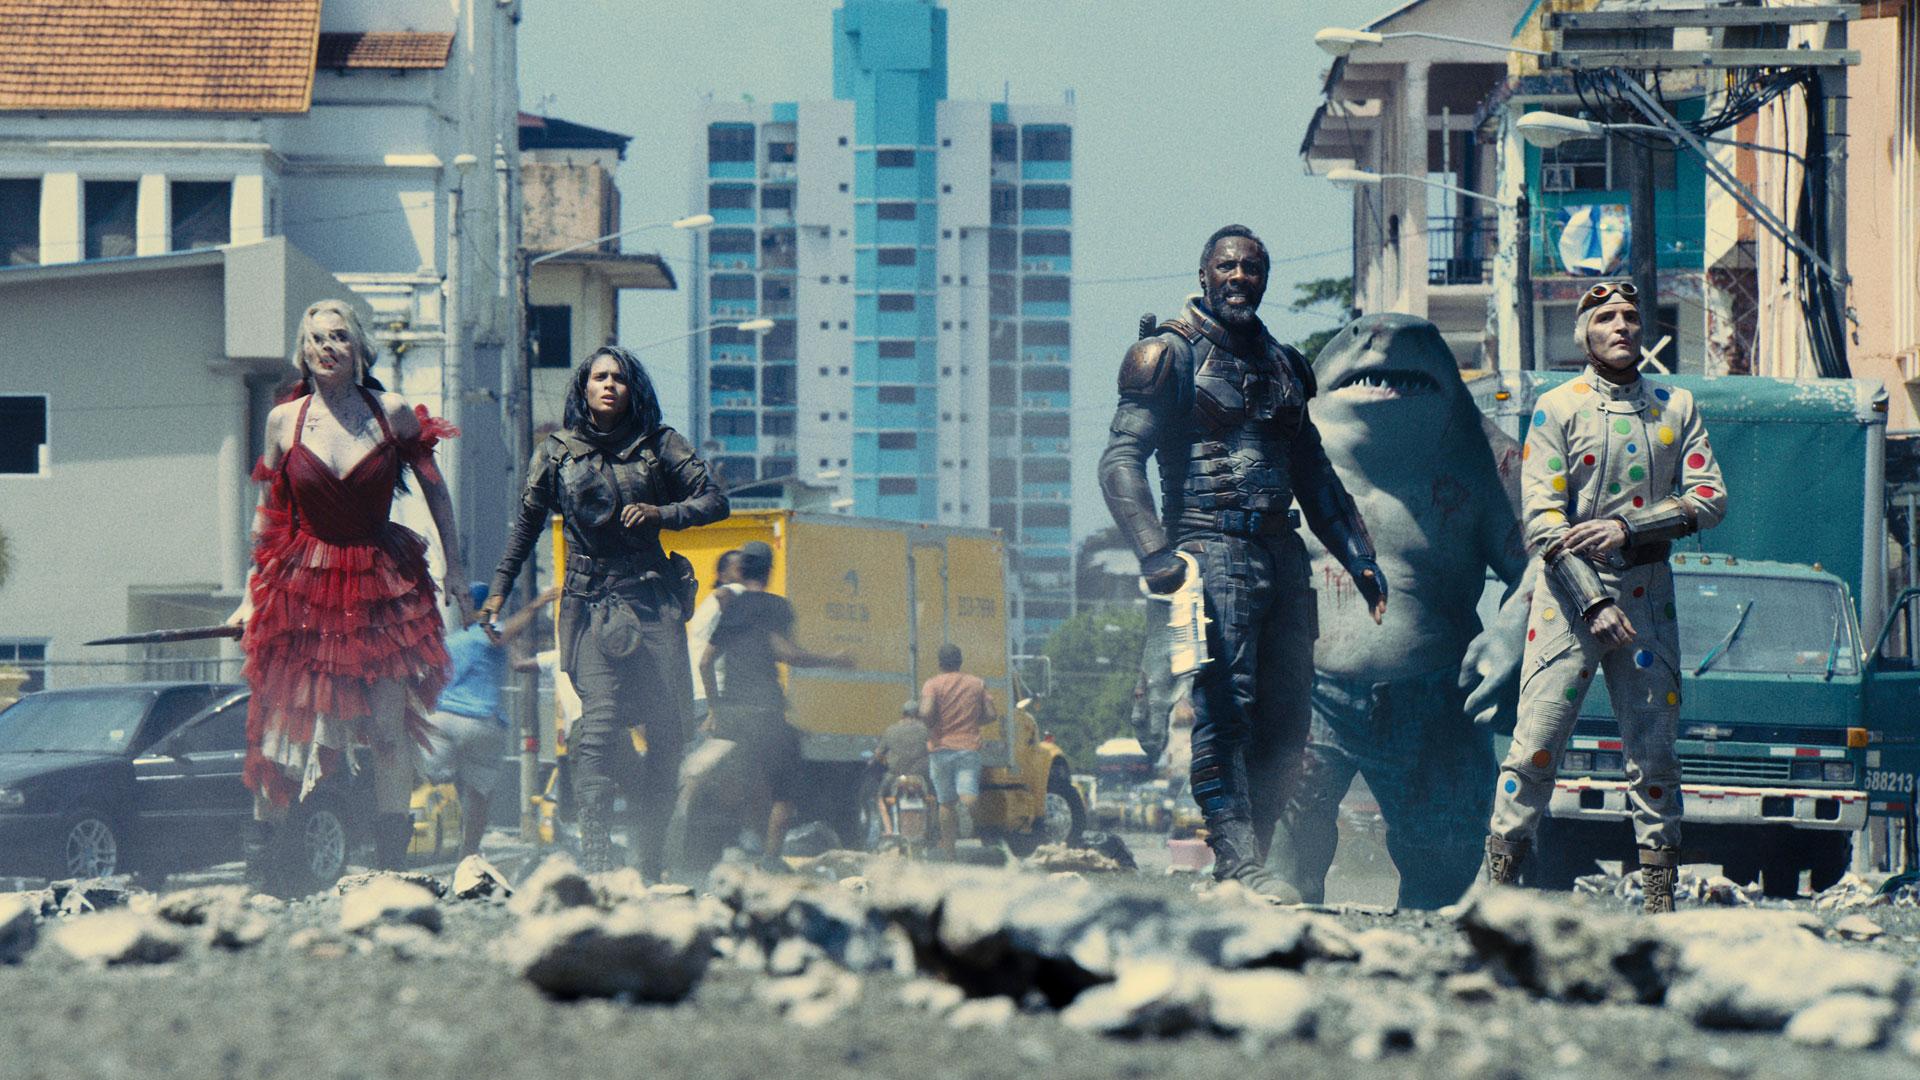 """Fünf Superschurk:innen stehen auf einer zerstörten Straße im Film """"The Suicide Squad"""""""